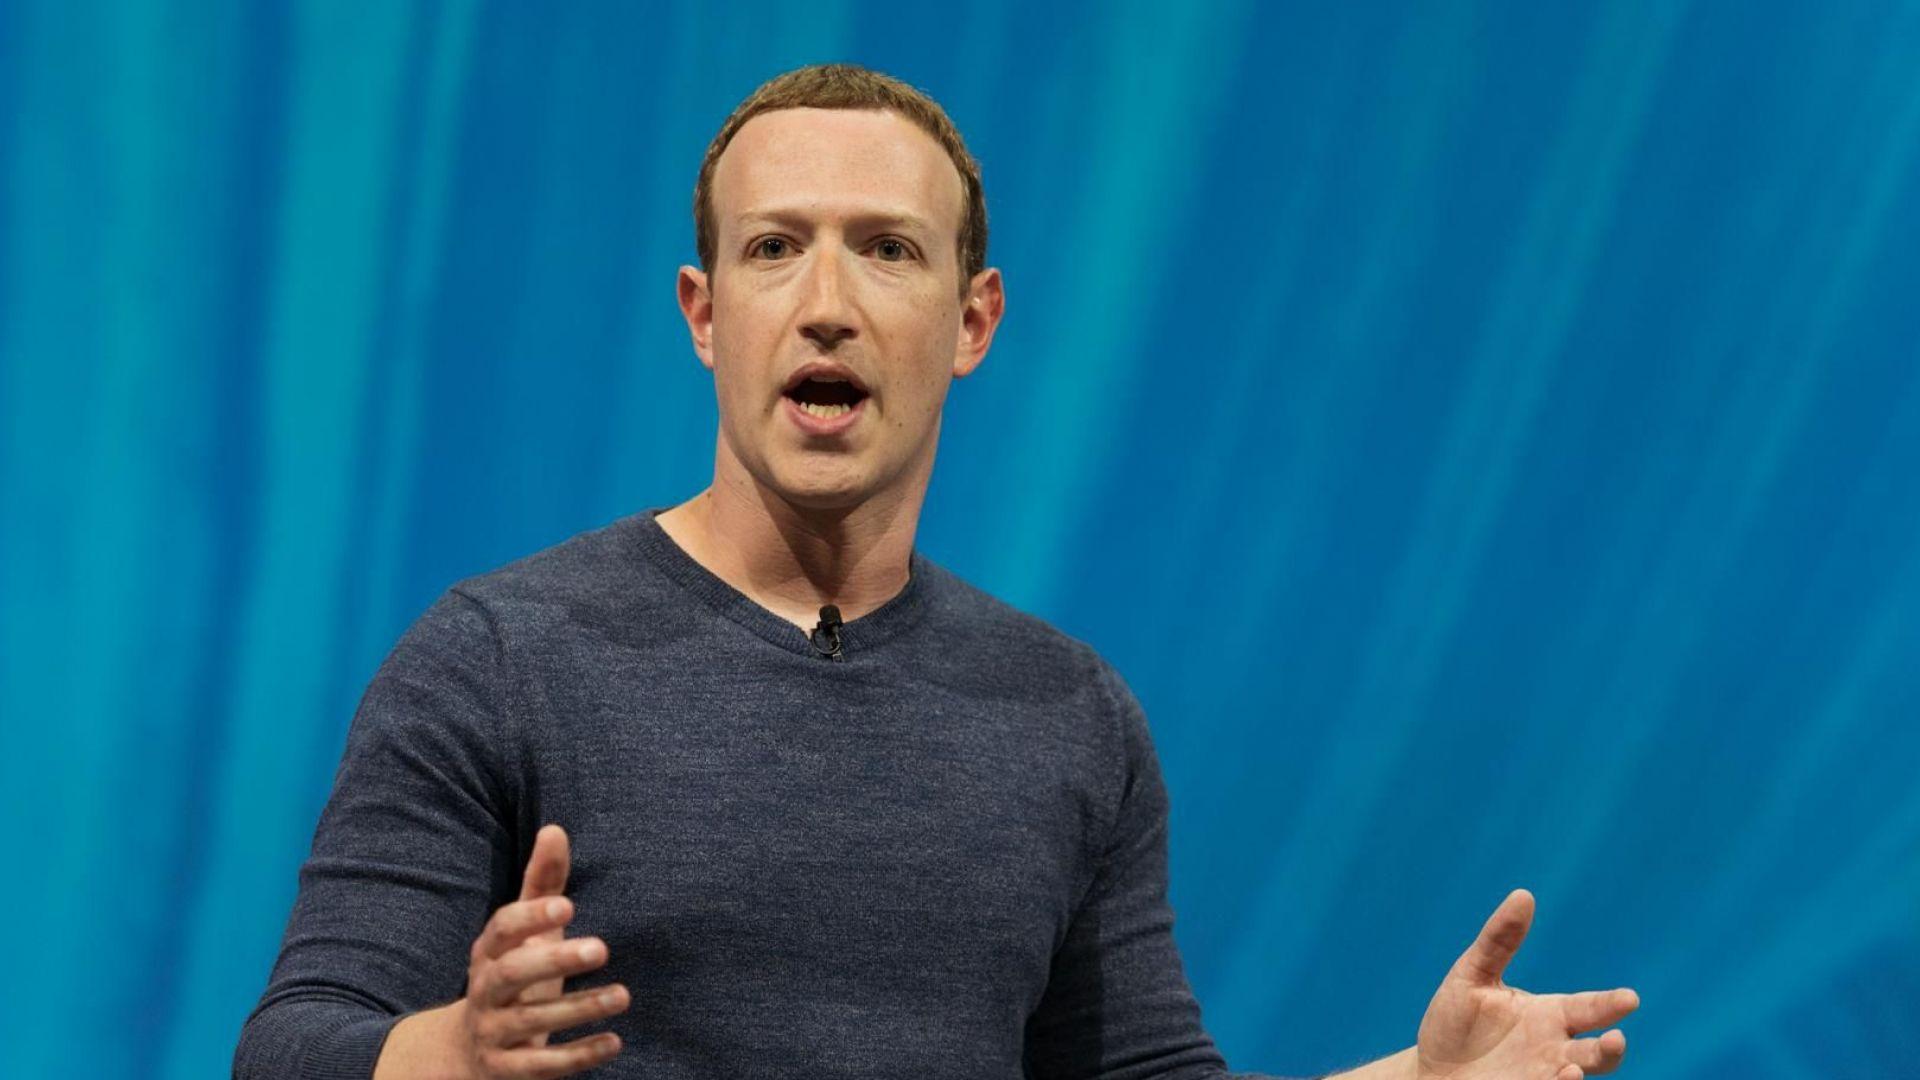 """Зукърбърг забрани айфоните във """"Фейсбук"""""""